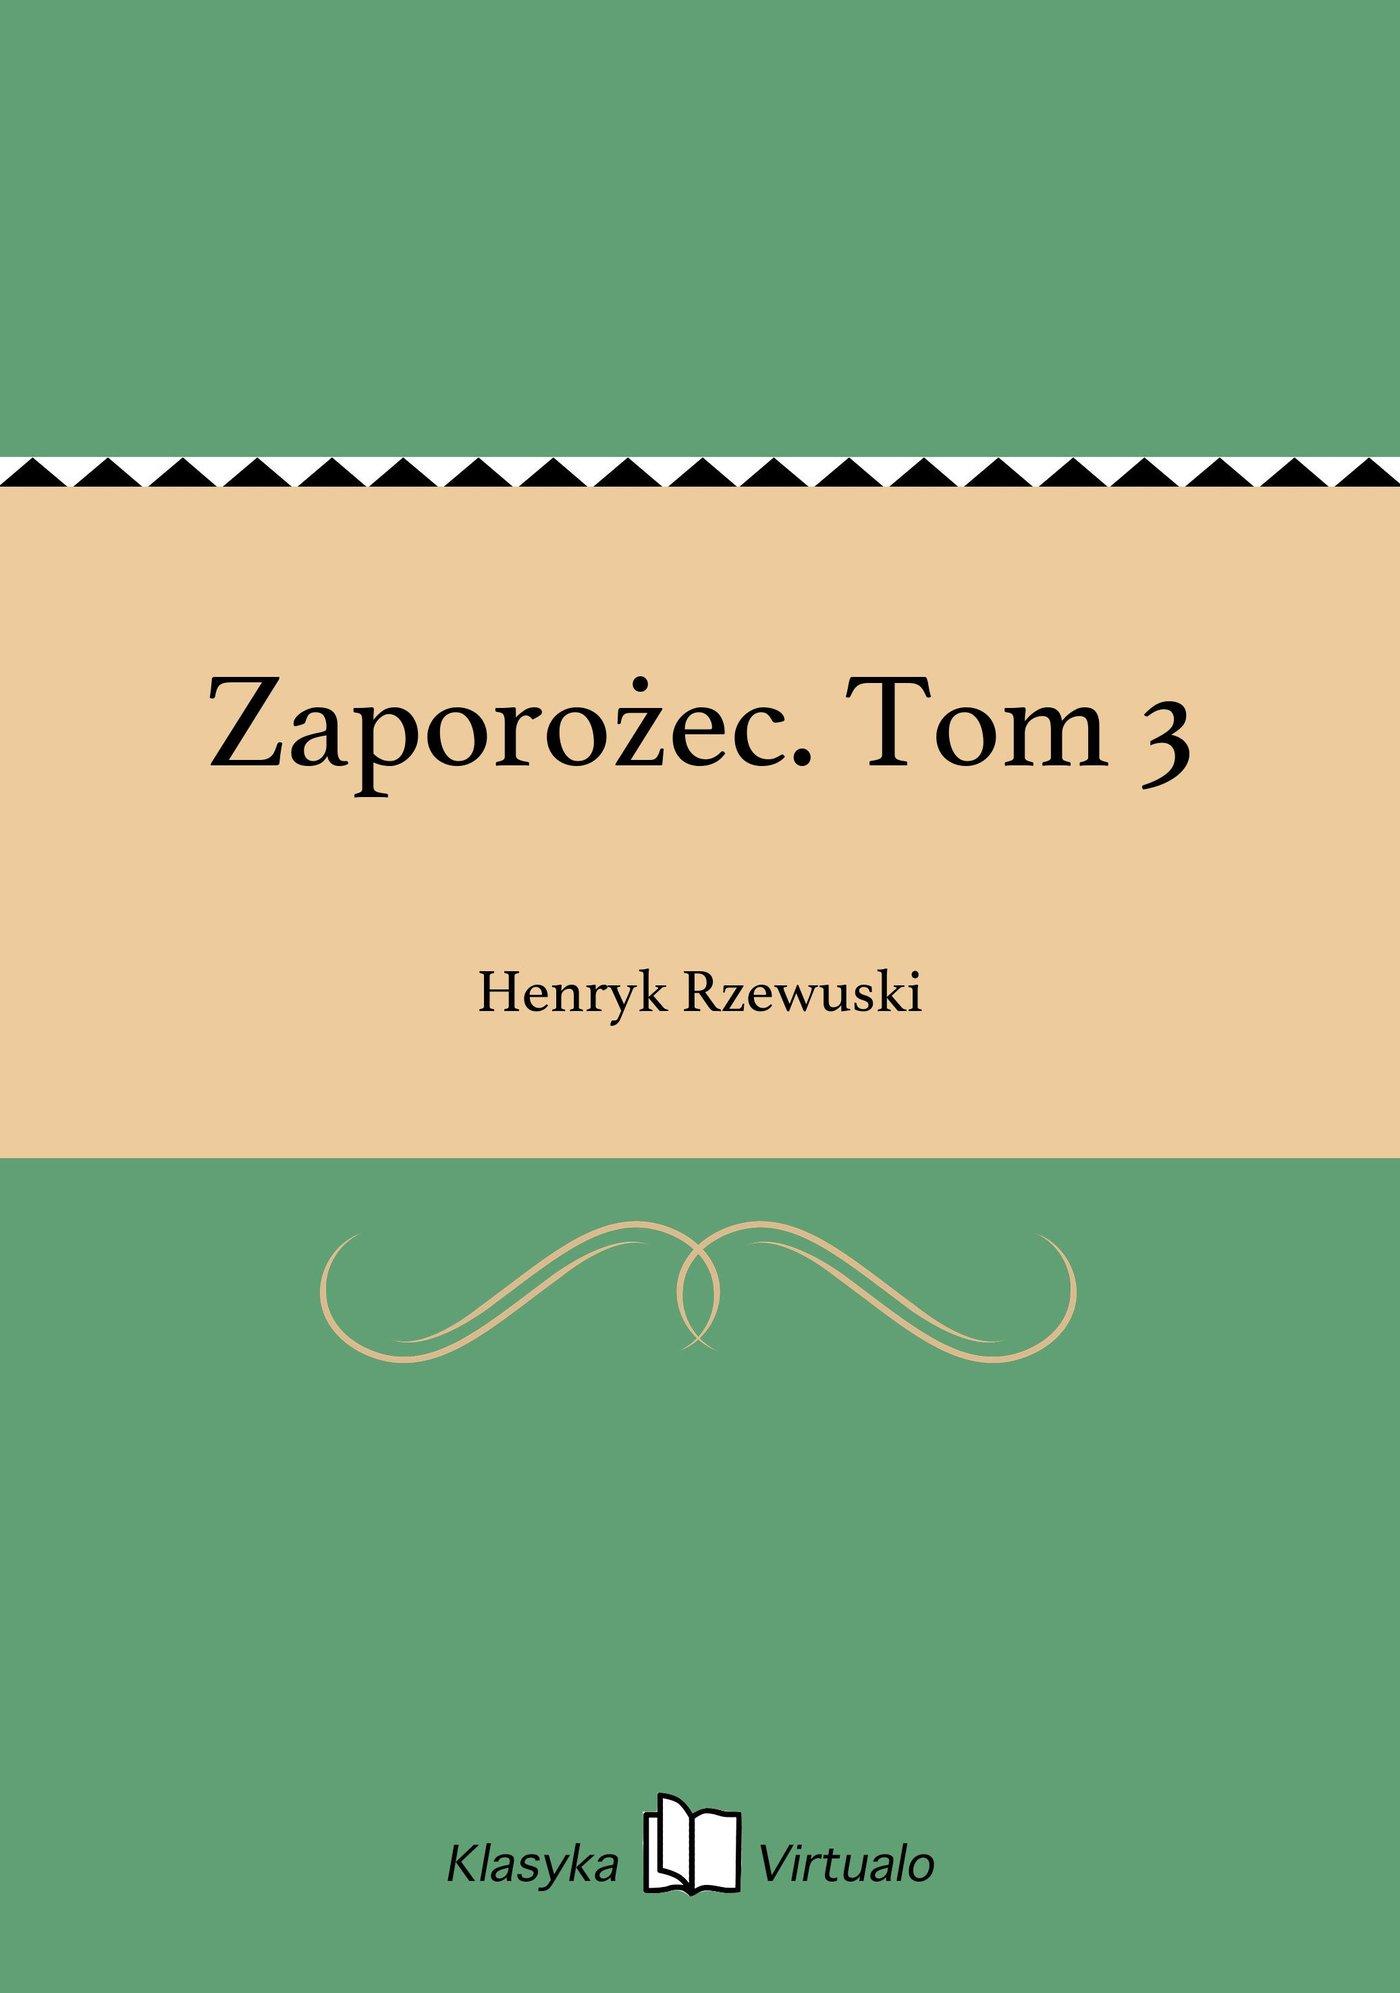 Zaporożec. Tom 3 - Ebook (Książka EPUB) do pobrania w formacie EPUB